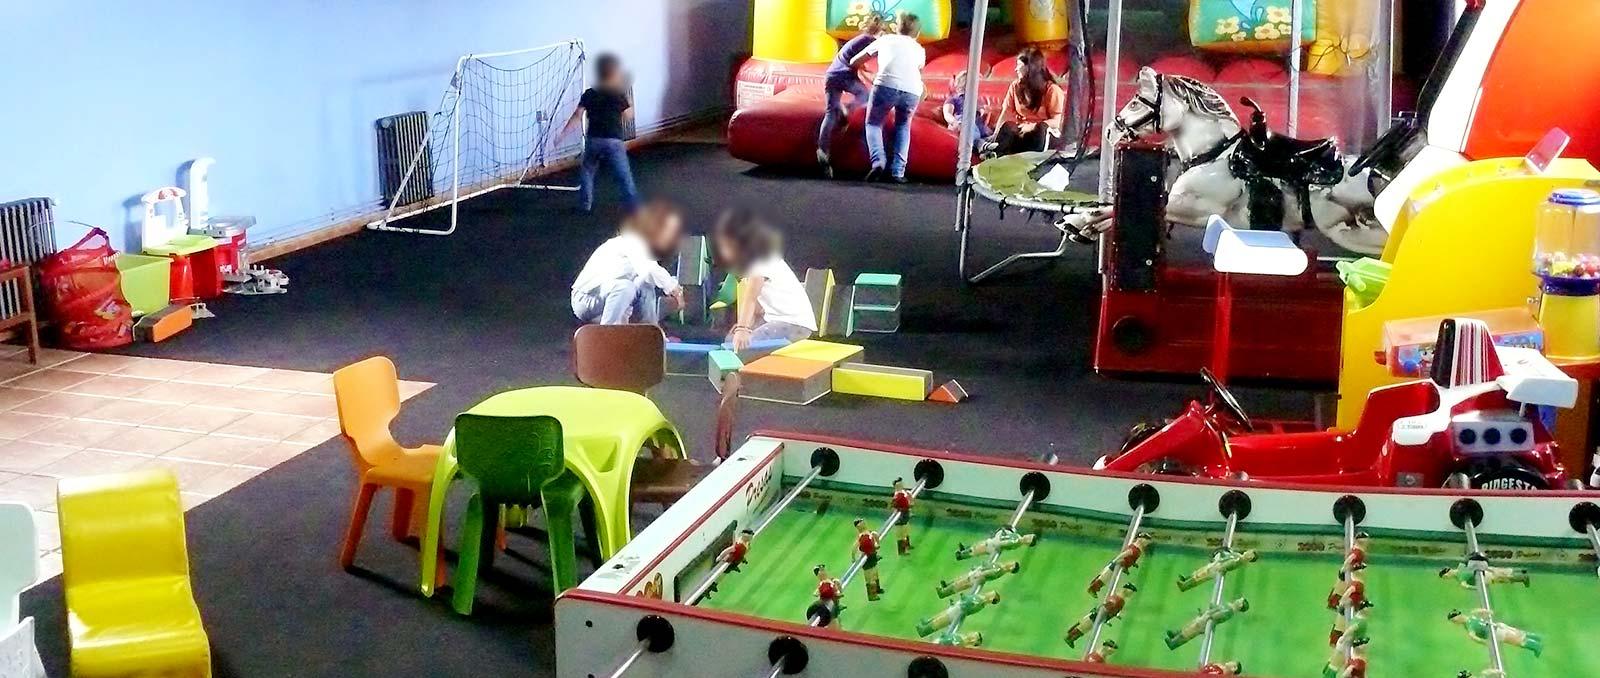 Zona infantil supervisada,  La Llariega, vista general de actividades ludicas.